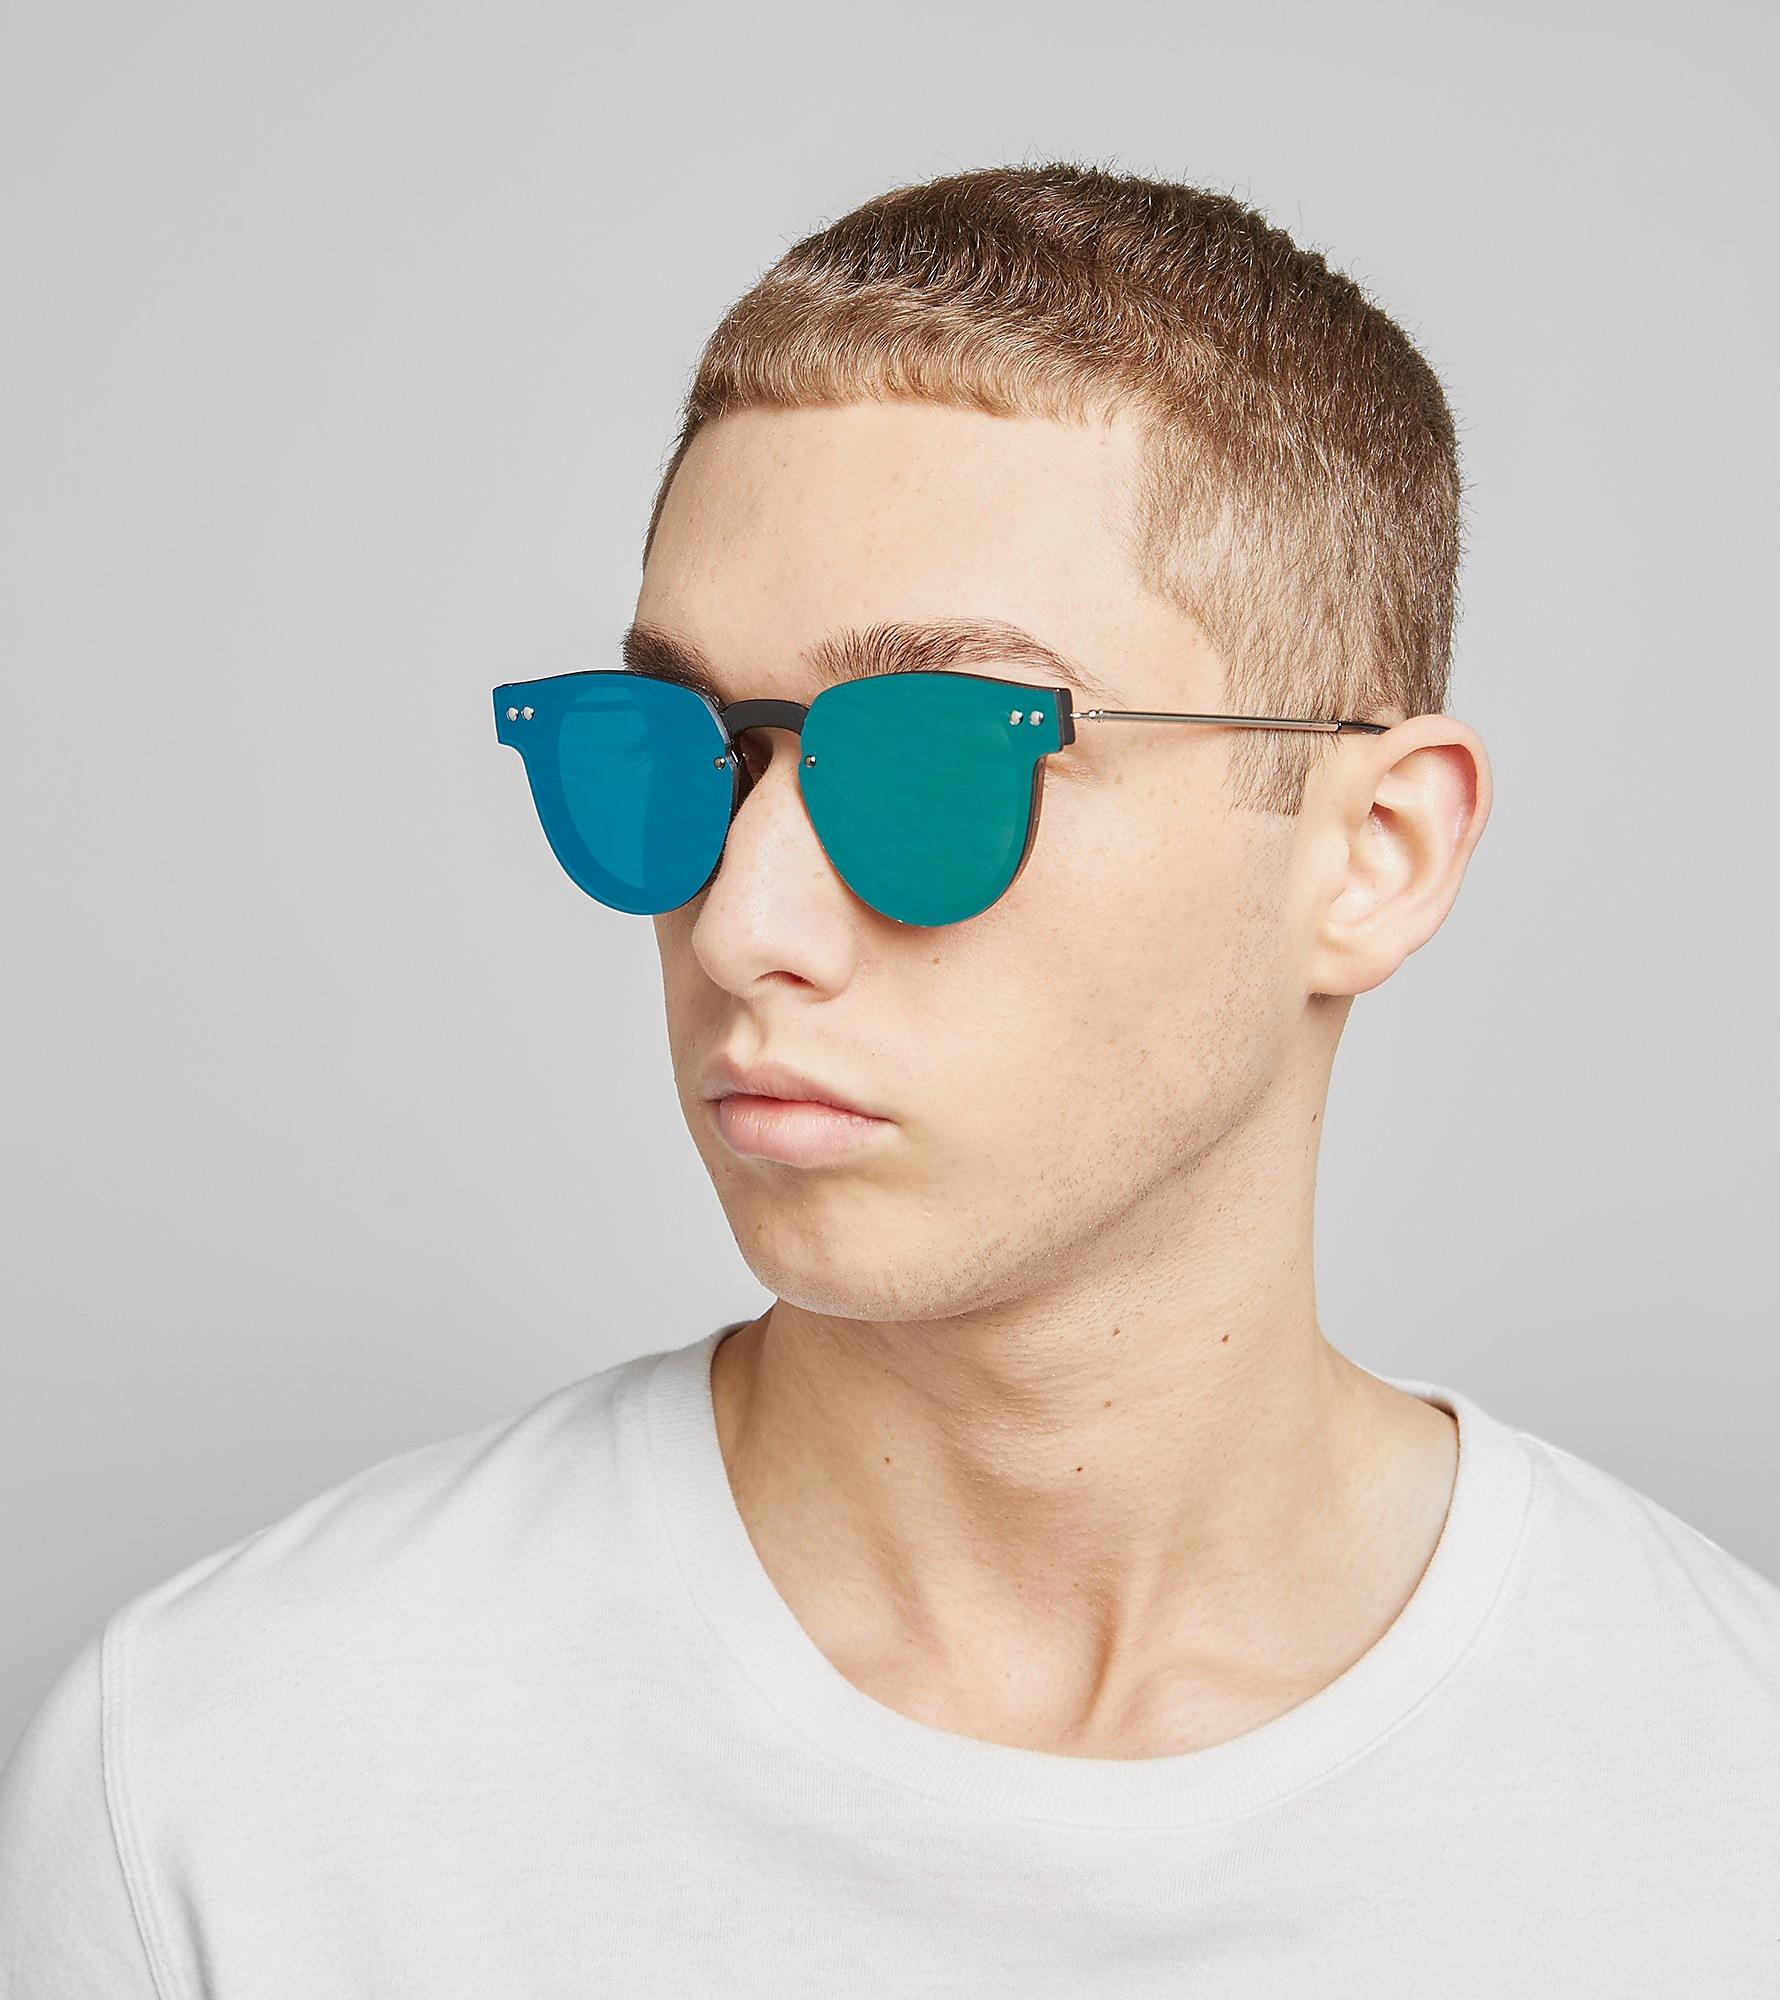 Spitfire Sharper Edge Sunglasses